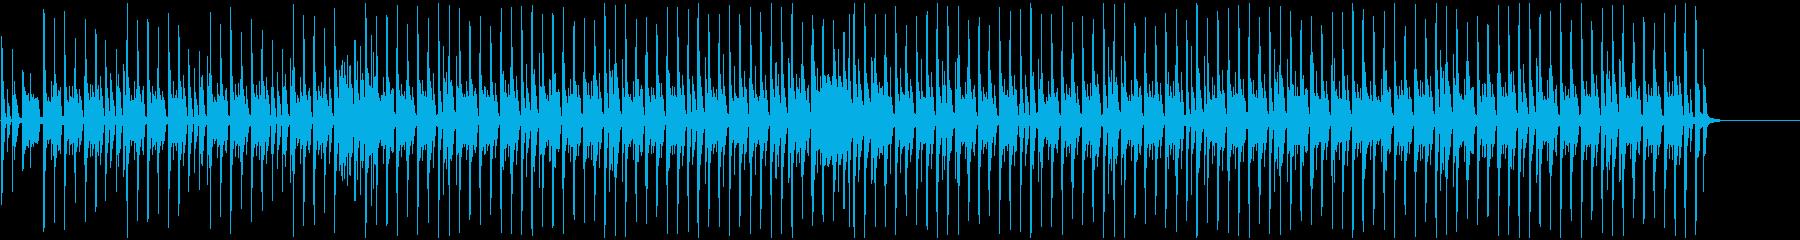 陽気でコミカルなほのぼのBGMの再生済みの波形